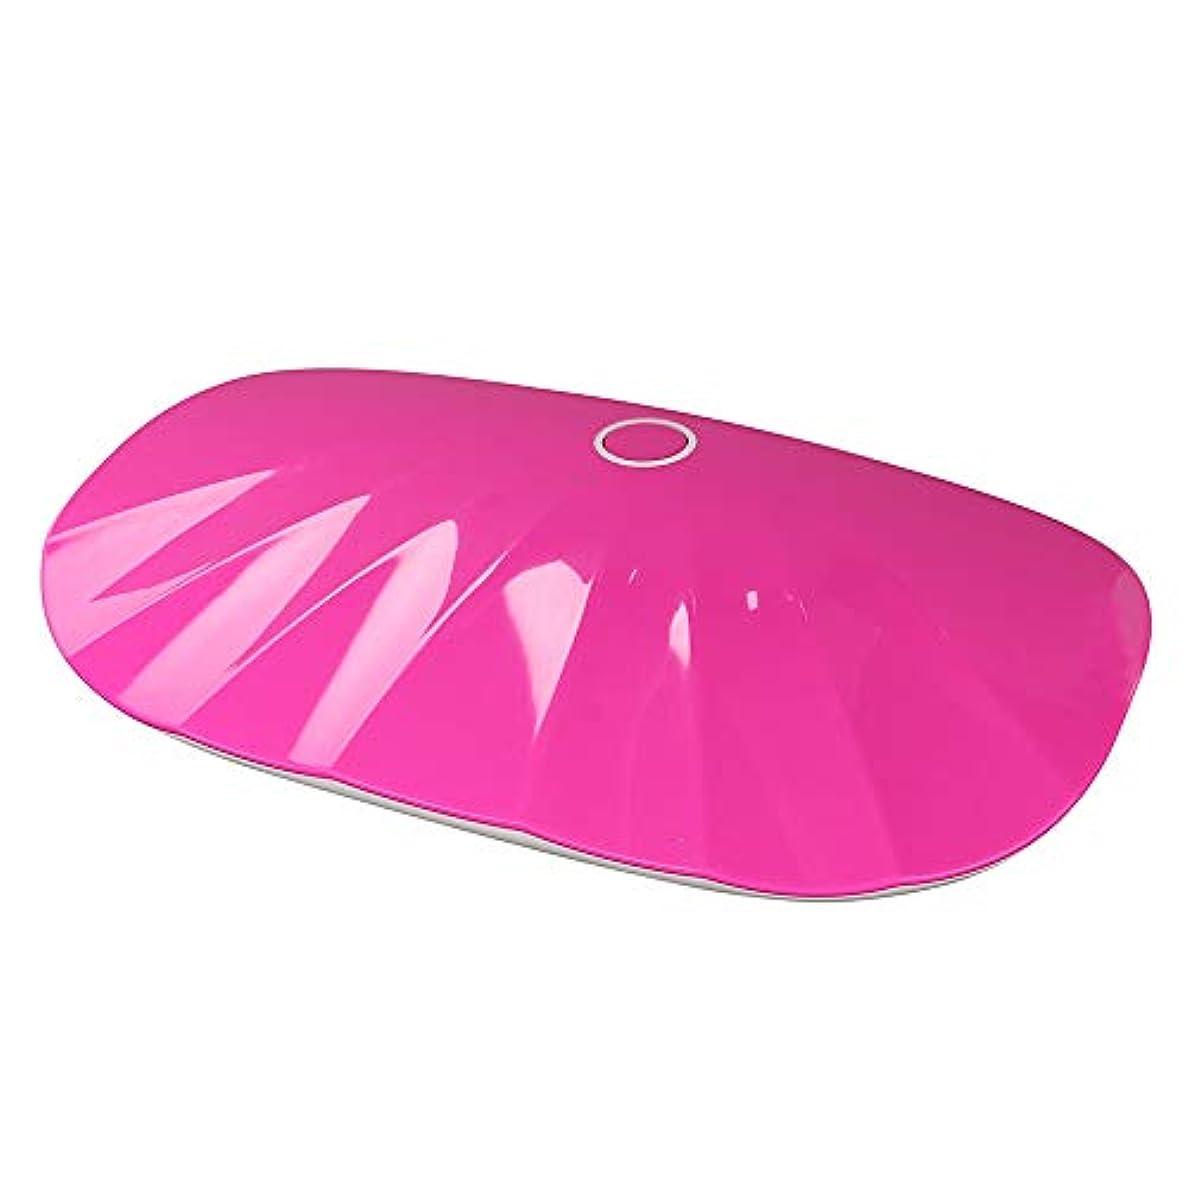 私たちの揺れる勃起Jilebao ネイルライト 6W ハイパワー USBライン付き ミニ 可愛い ジェルネイル レジンクラフト コンパクト LEDライト UVライト ネイルドライヤー 自動検知モード 折りたたみ式 手足とも使える (マルチカラー)